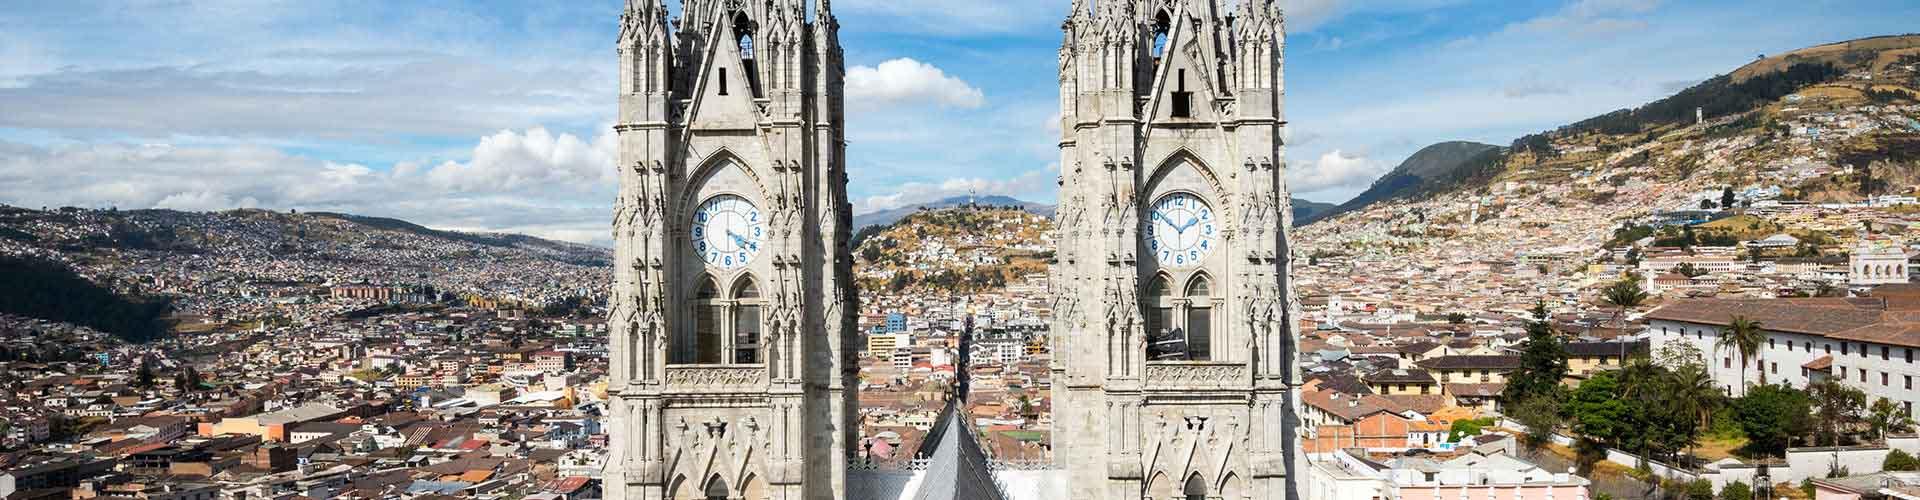 Quito - Hostele w mieście: Quito, Mapy: Quito, Zdjęcia i Recenzje dla każdego hostelu w mieście Quito.